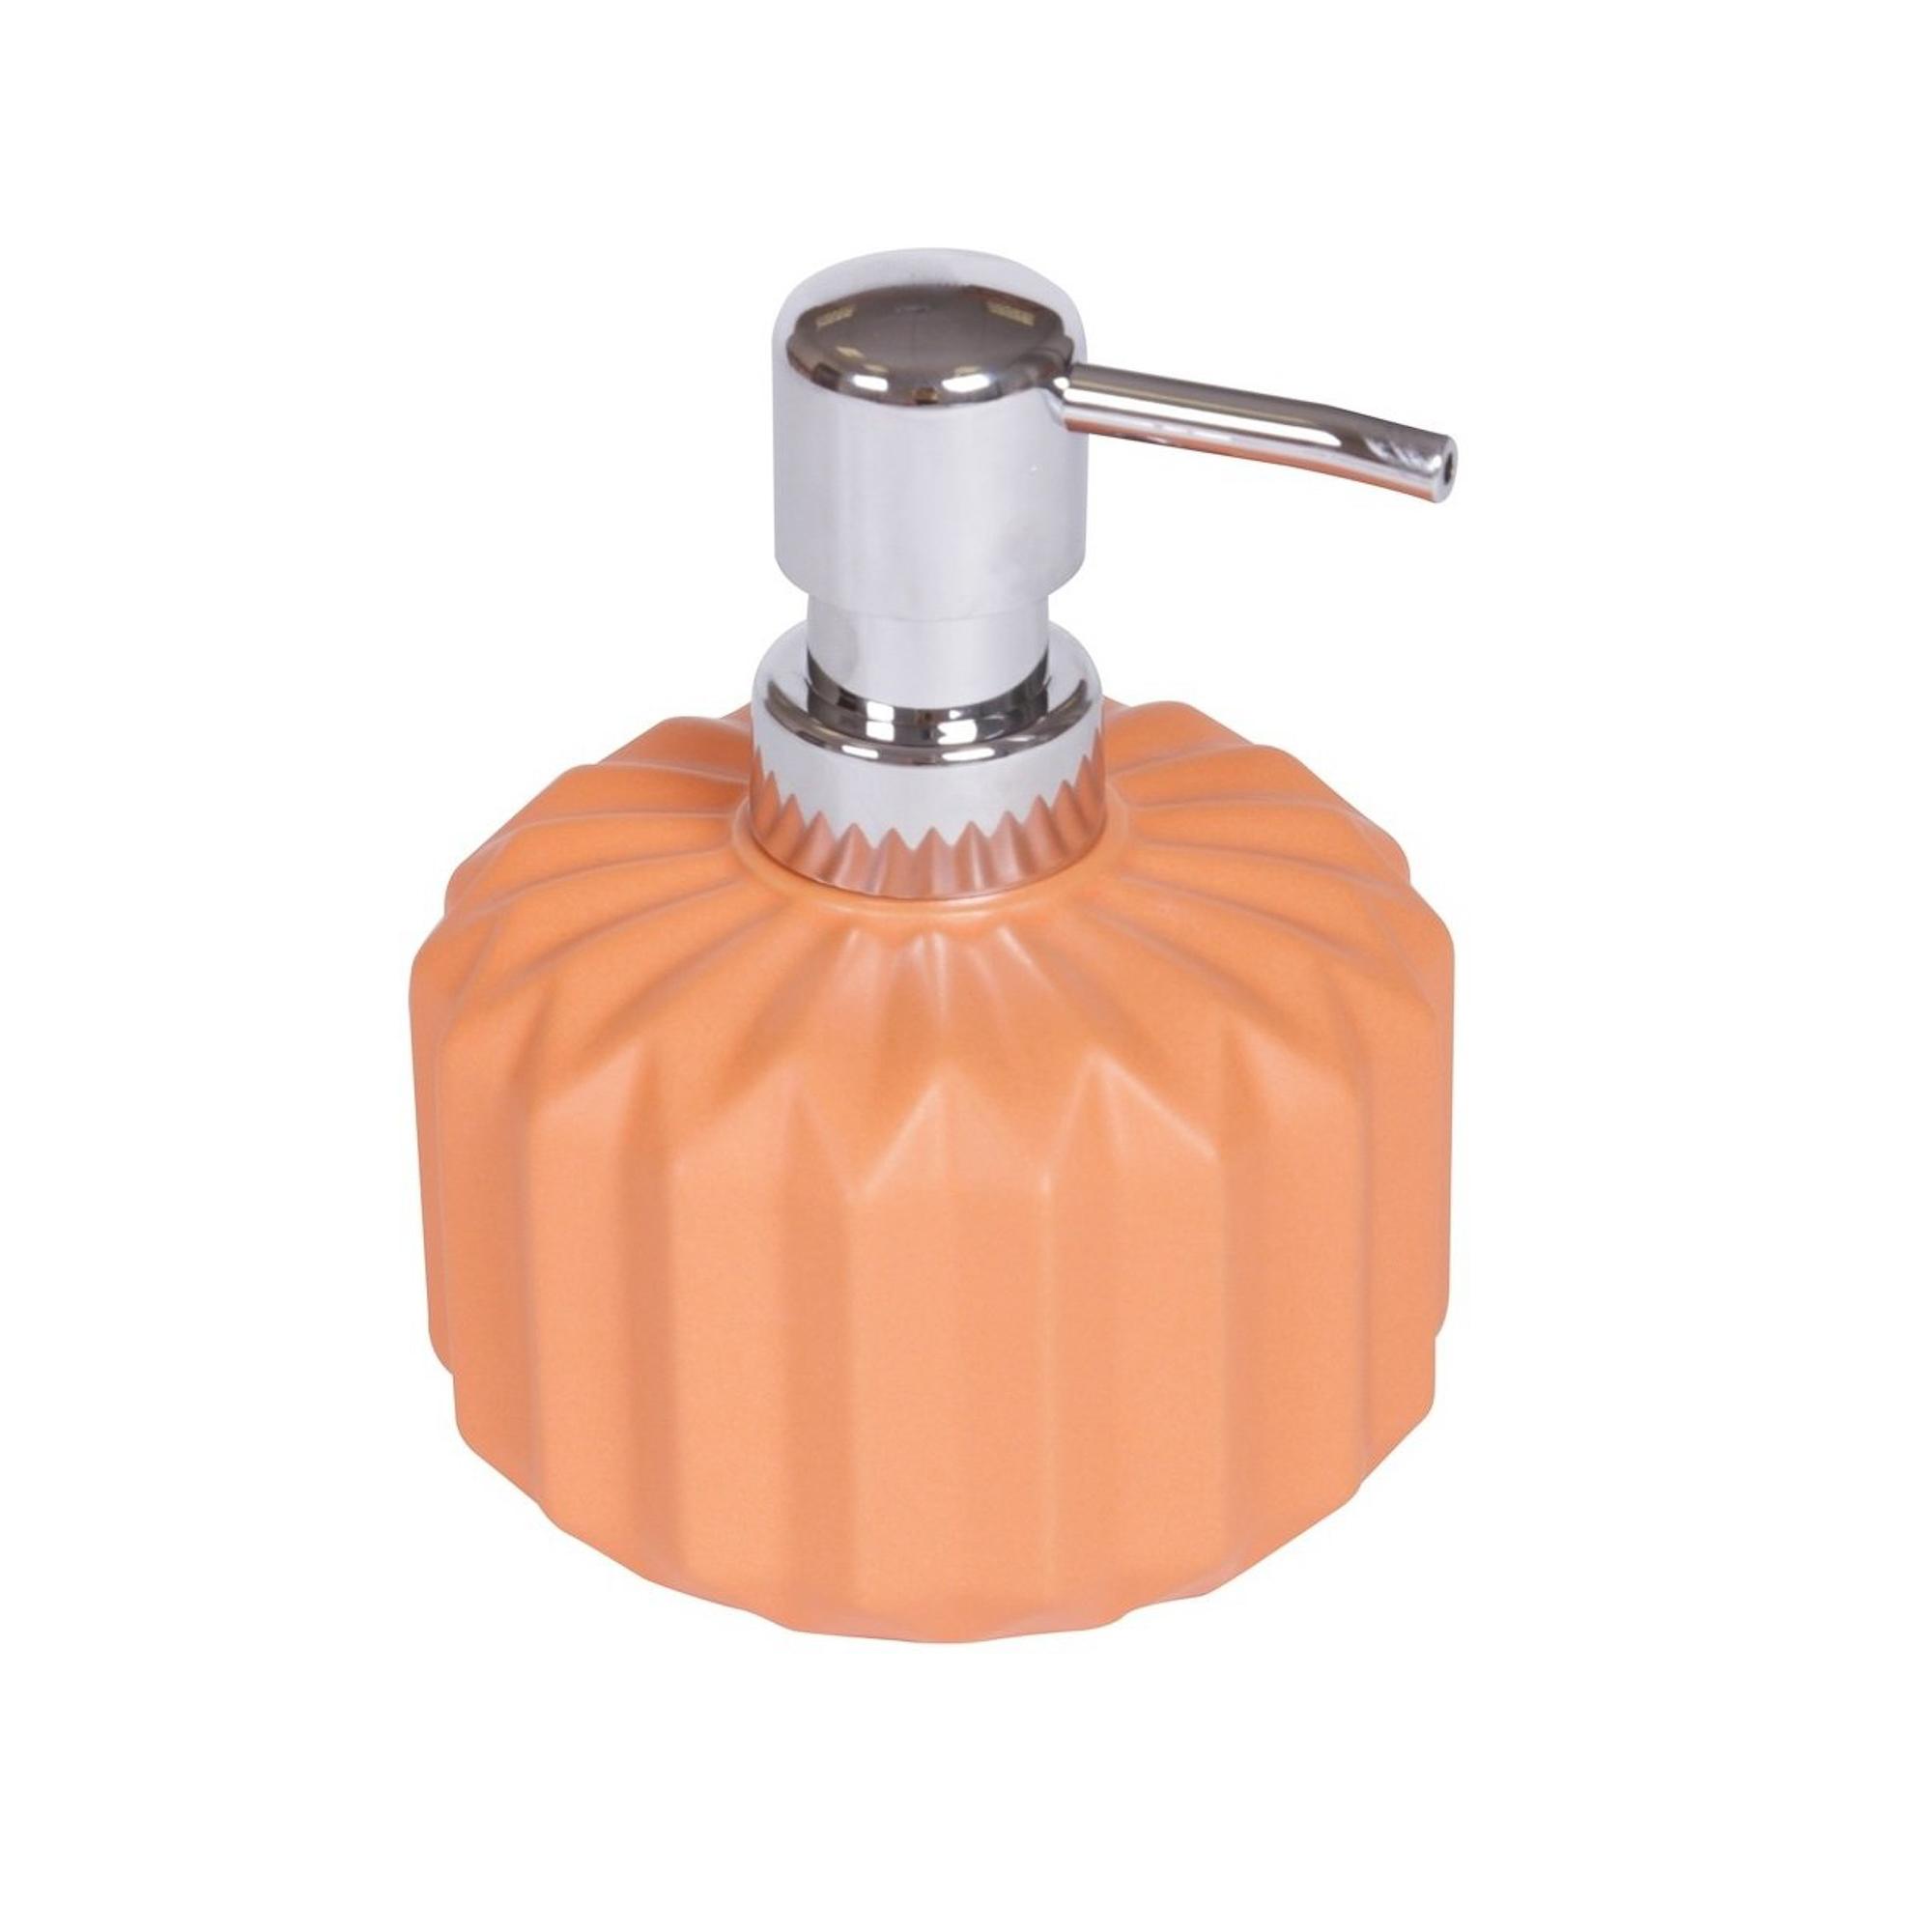 Дозатор для жидкого мыла Hausmann сомон 200 мл дозатор для жидкого мыла le bain gris